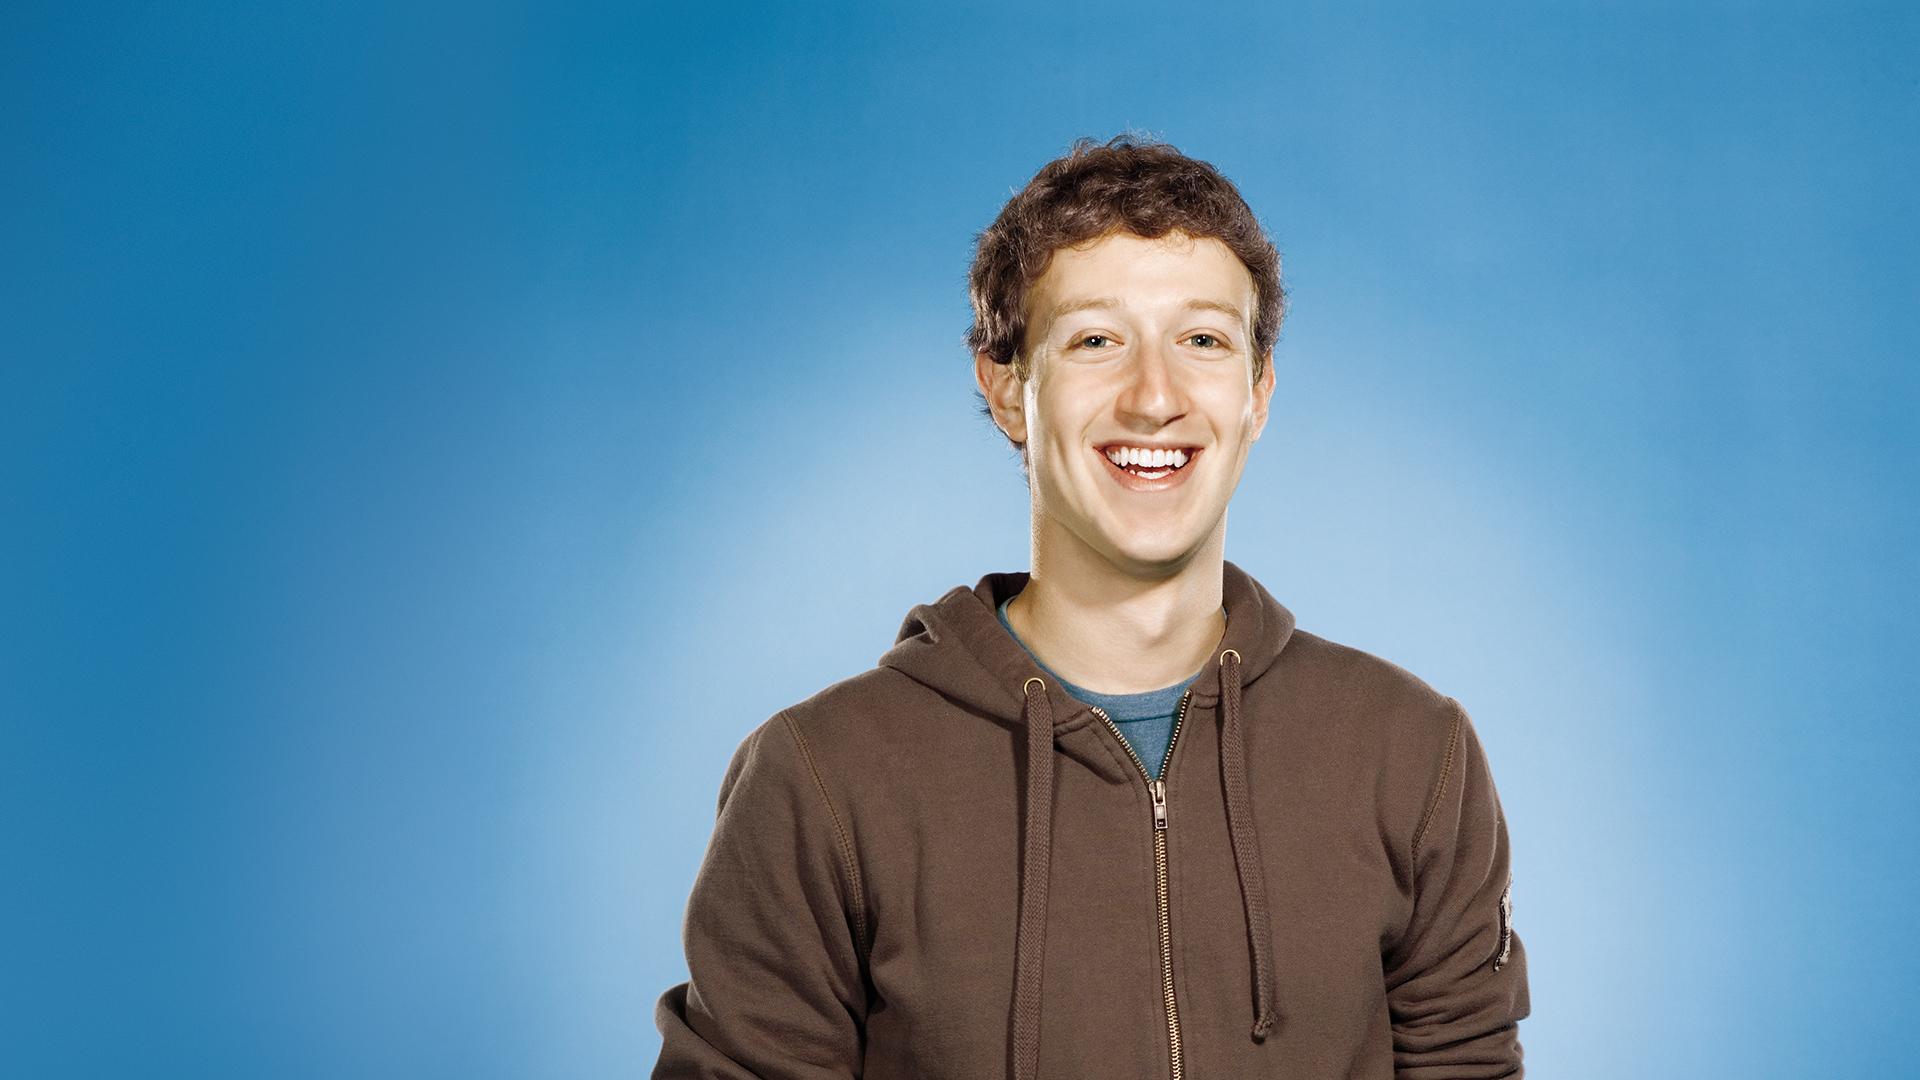 La bufala di Facebook: Mark Zuckerberg regala 4,5 milioni a 1.000 iscritti